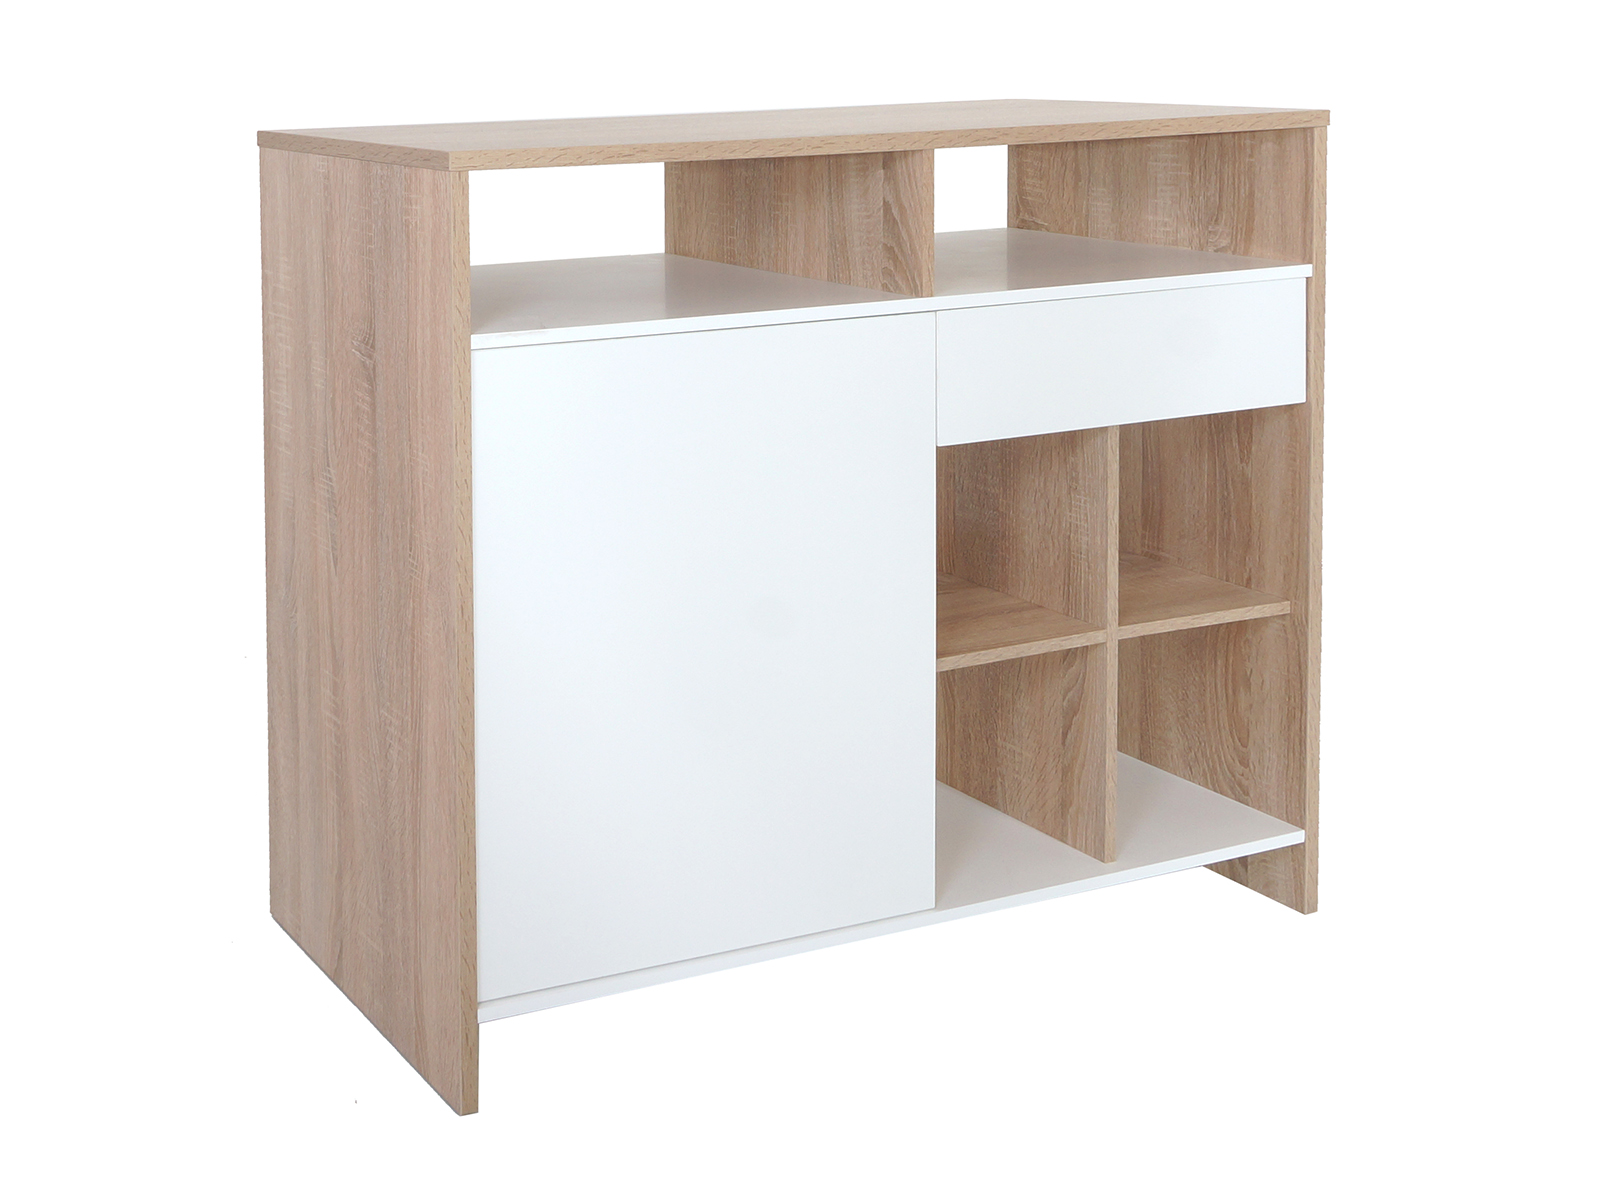 Стол TorontoБарные столы<br>Функциональный барный стол включает 6 полок для хранения, один выдвижной ящик, одно отделение с дверкой. Дверцы шкафа и выдвижной ящик открываются за кромку. Идеальное решение для маленьких пространств, может служить пристенным шкафом или полноценным барн...<br><br>Material: ДСП<br>Ширина см: 122<br>Высота см: 108<br>Глубина см: 48